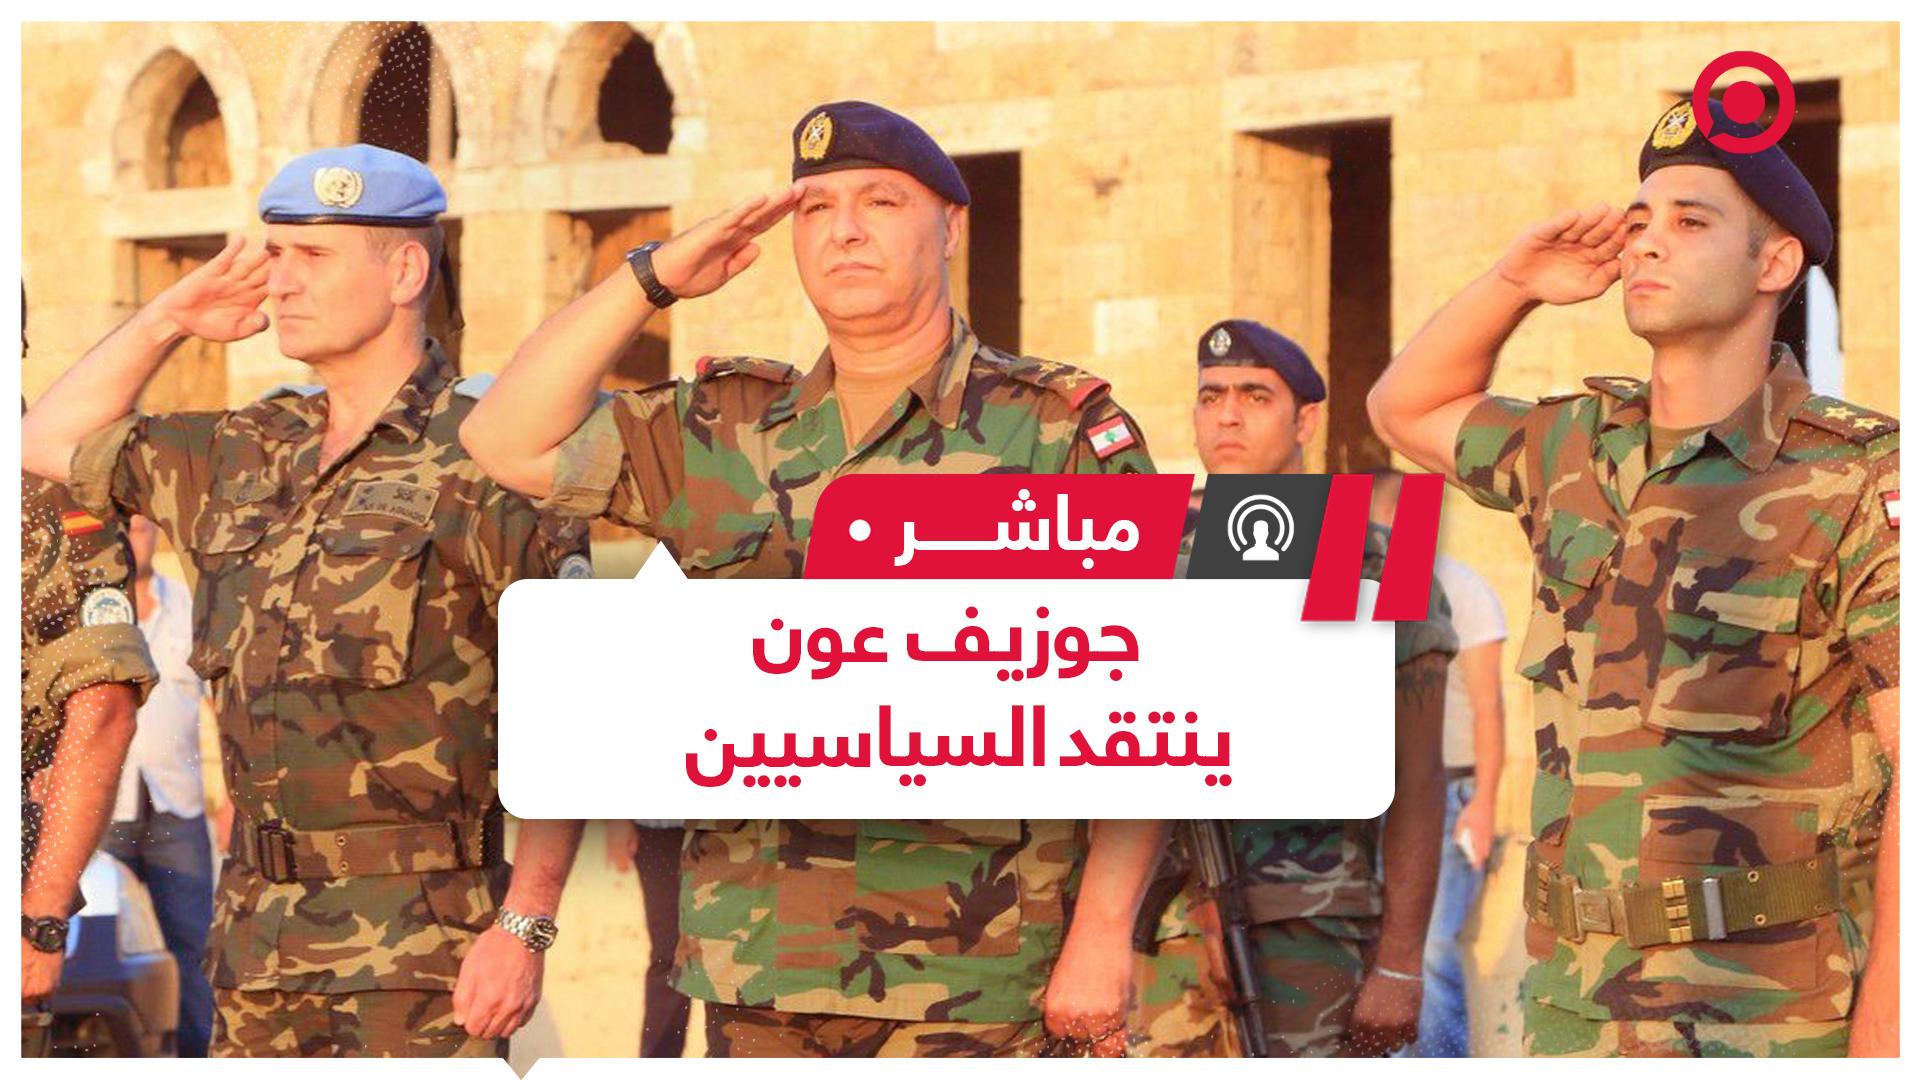 قائد الجيش اللبناني يوجه انتقادا للسياسيين ويوكد عدم السماح بالمساس بالسلم الأهلي